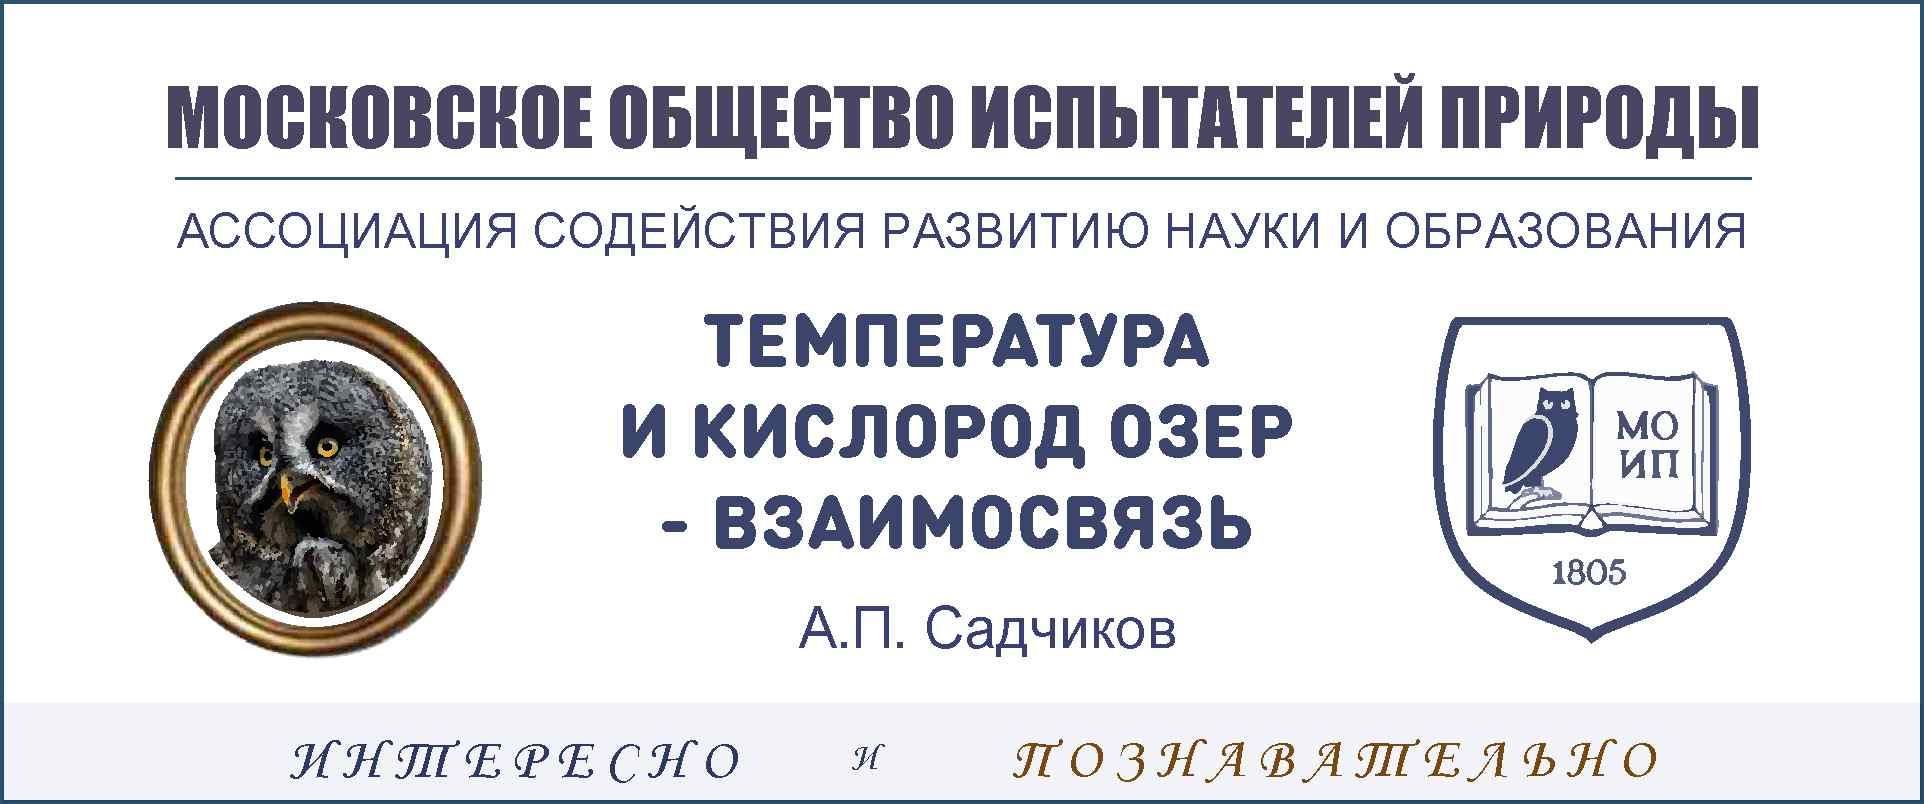 ТЕМПЕРАТУРА И КИСЛОРОД ОЗЕР - ВЗАИМОСВЯЗЬ